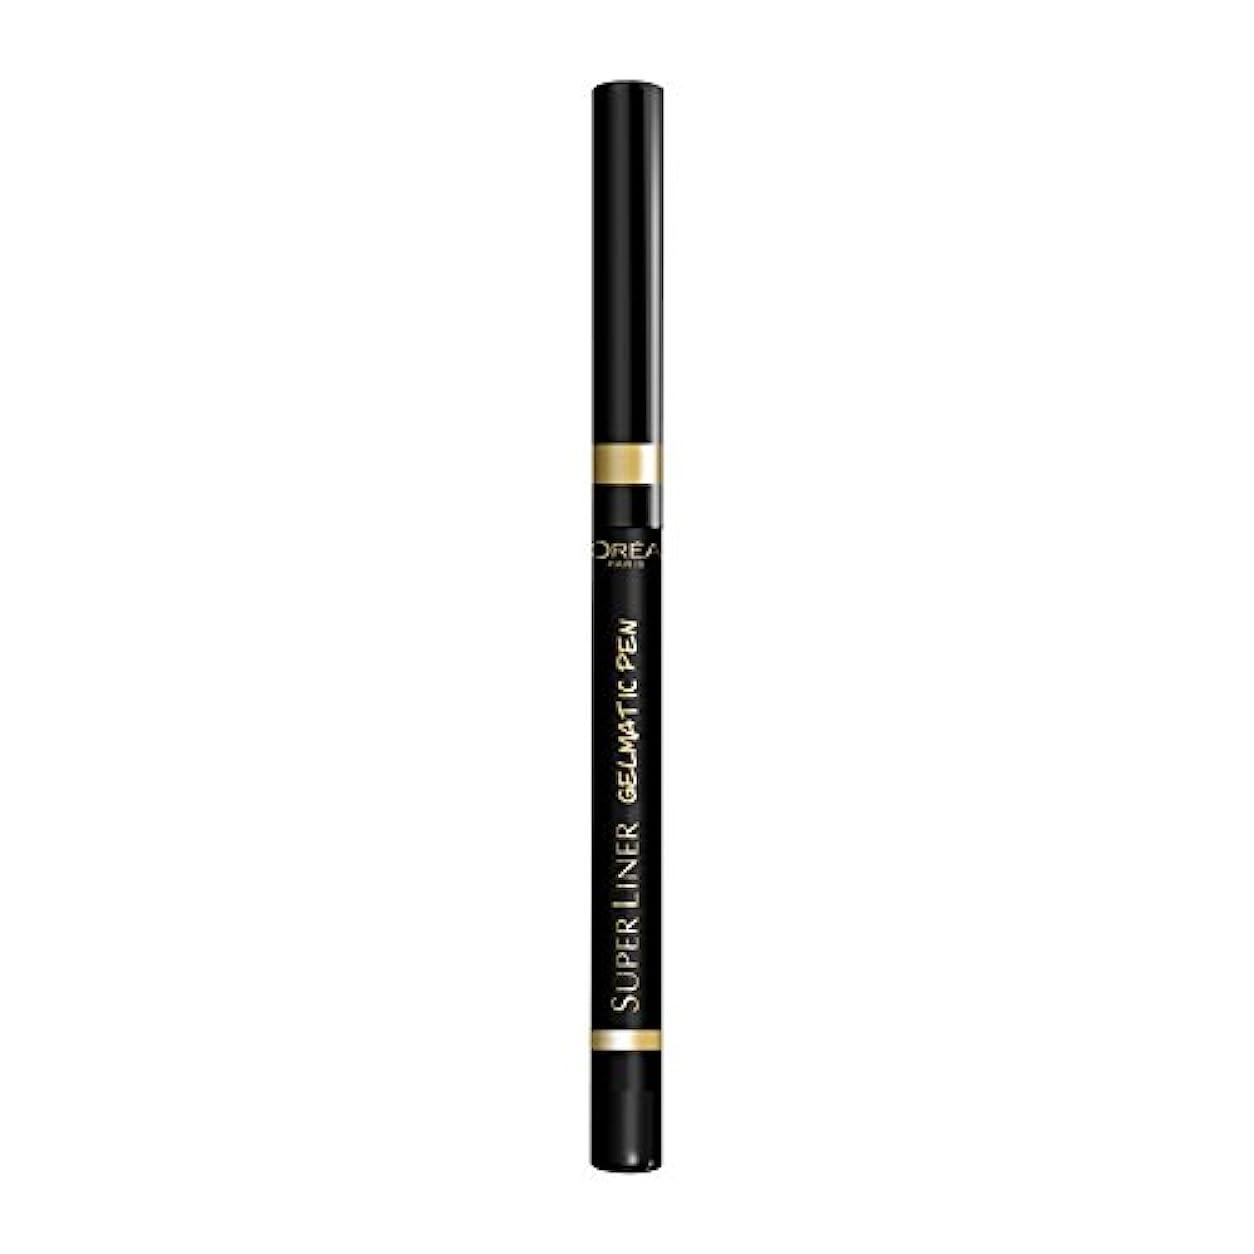 クレデンシャル大胆聞くロレアル パリ アイライナー スーパーライナー ジェルマティックペン 01 ブラックアイコニック ウォータープルーフ